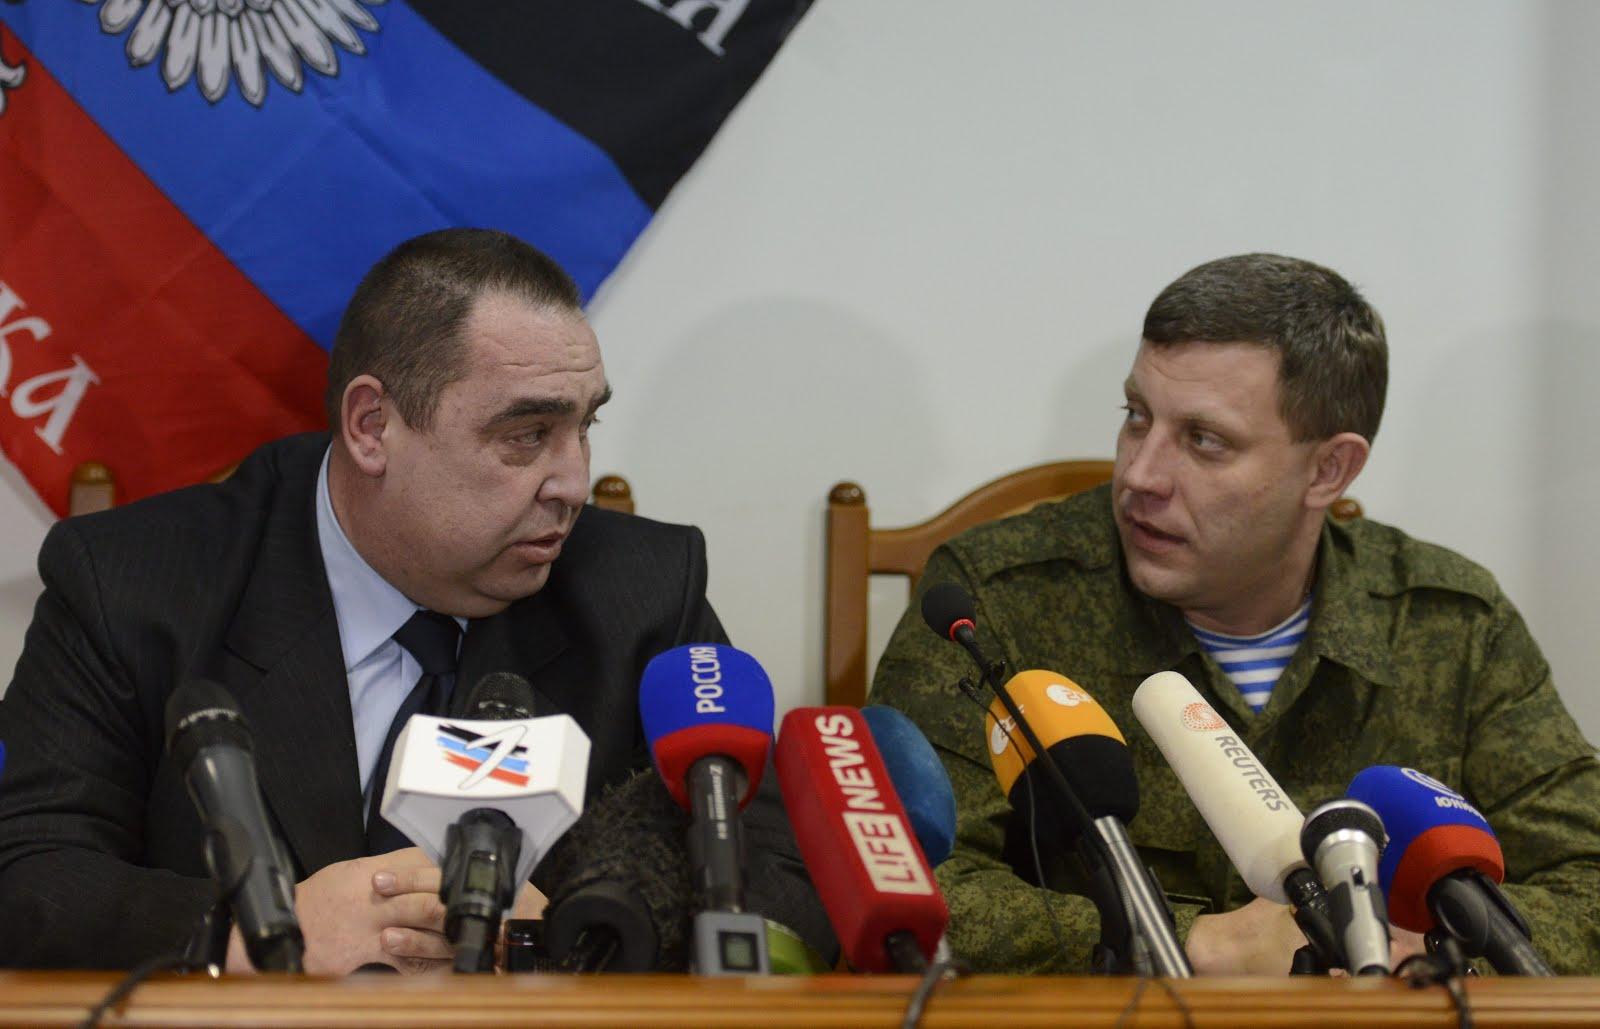 Згурівська райрада зуміла те, що Київська обласна рада не посилила